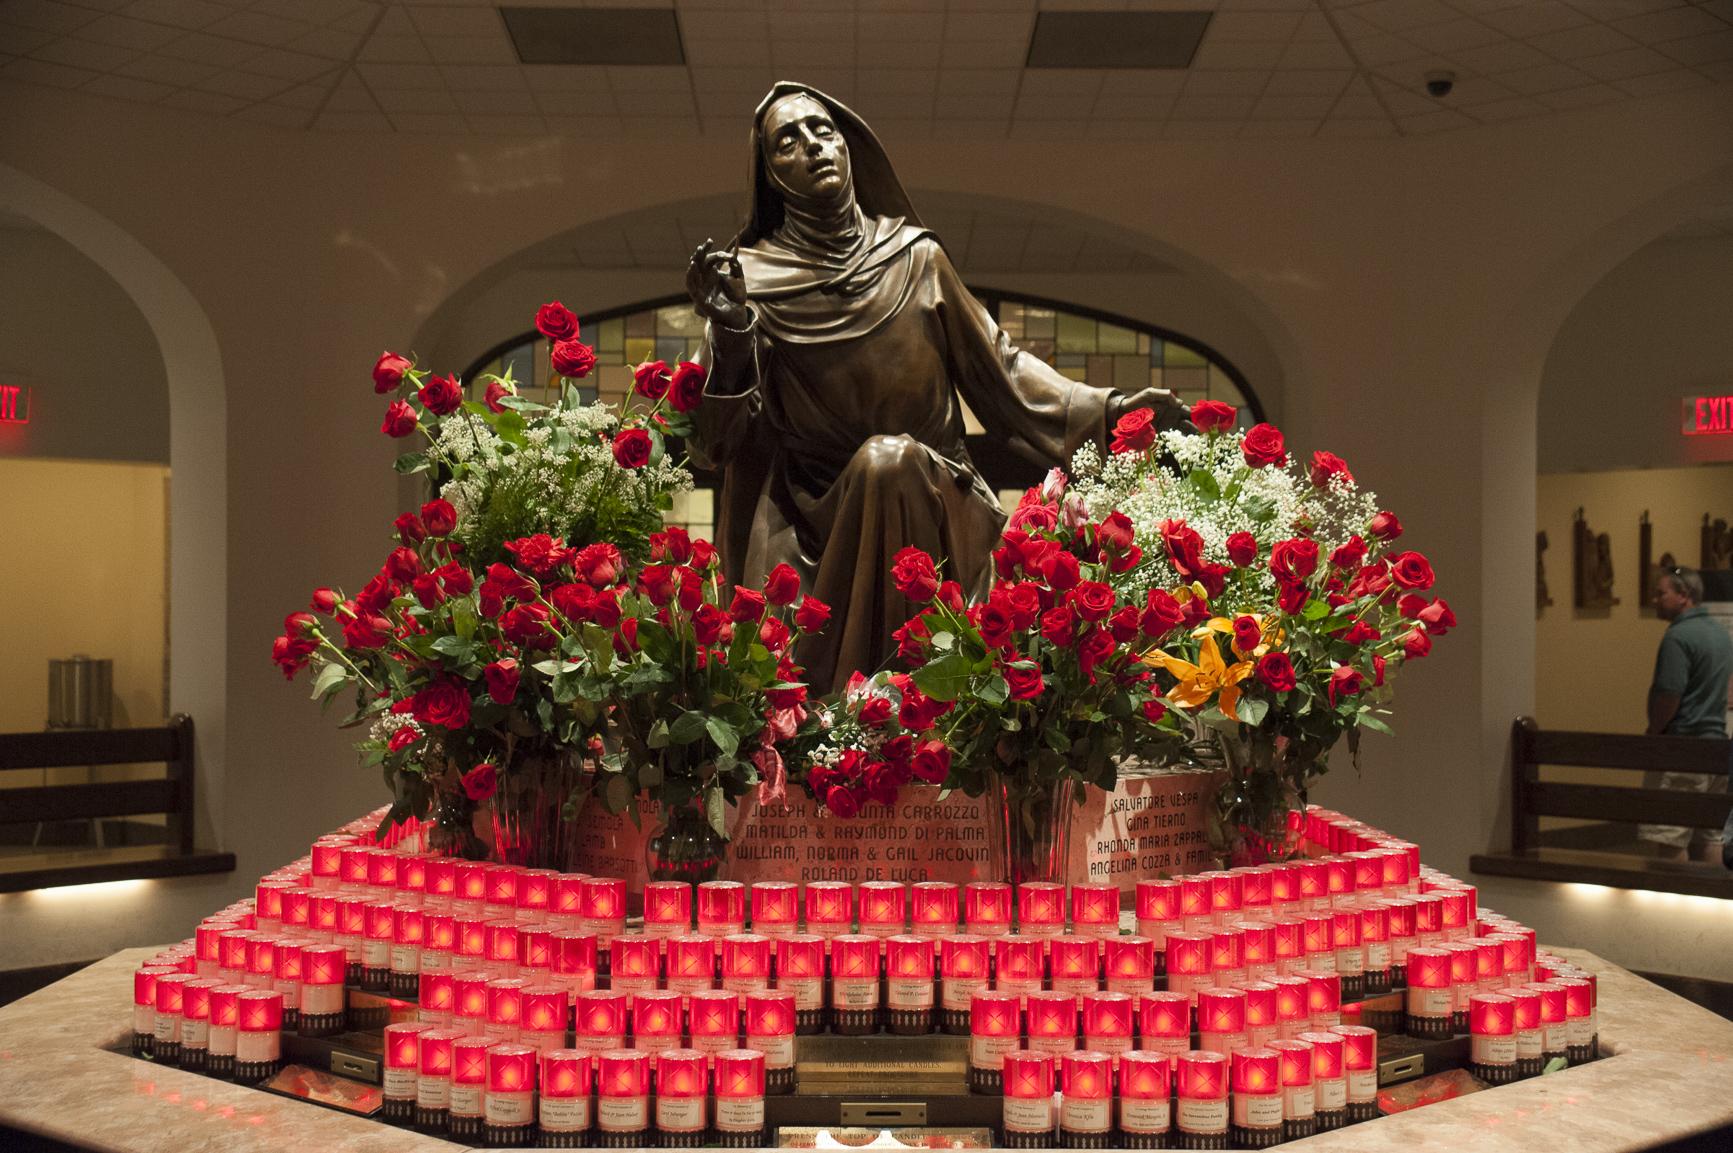 St. Rita Day Masses216_May 22 2010 (1).jpg